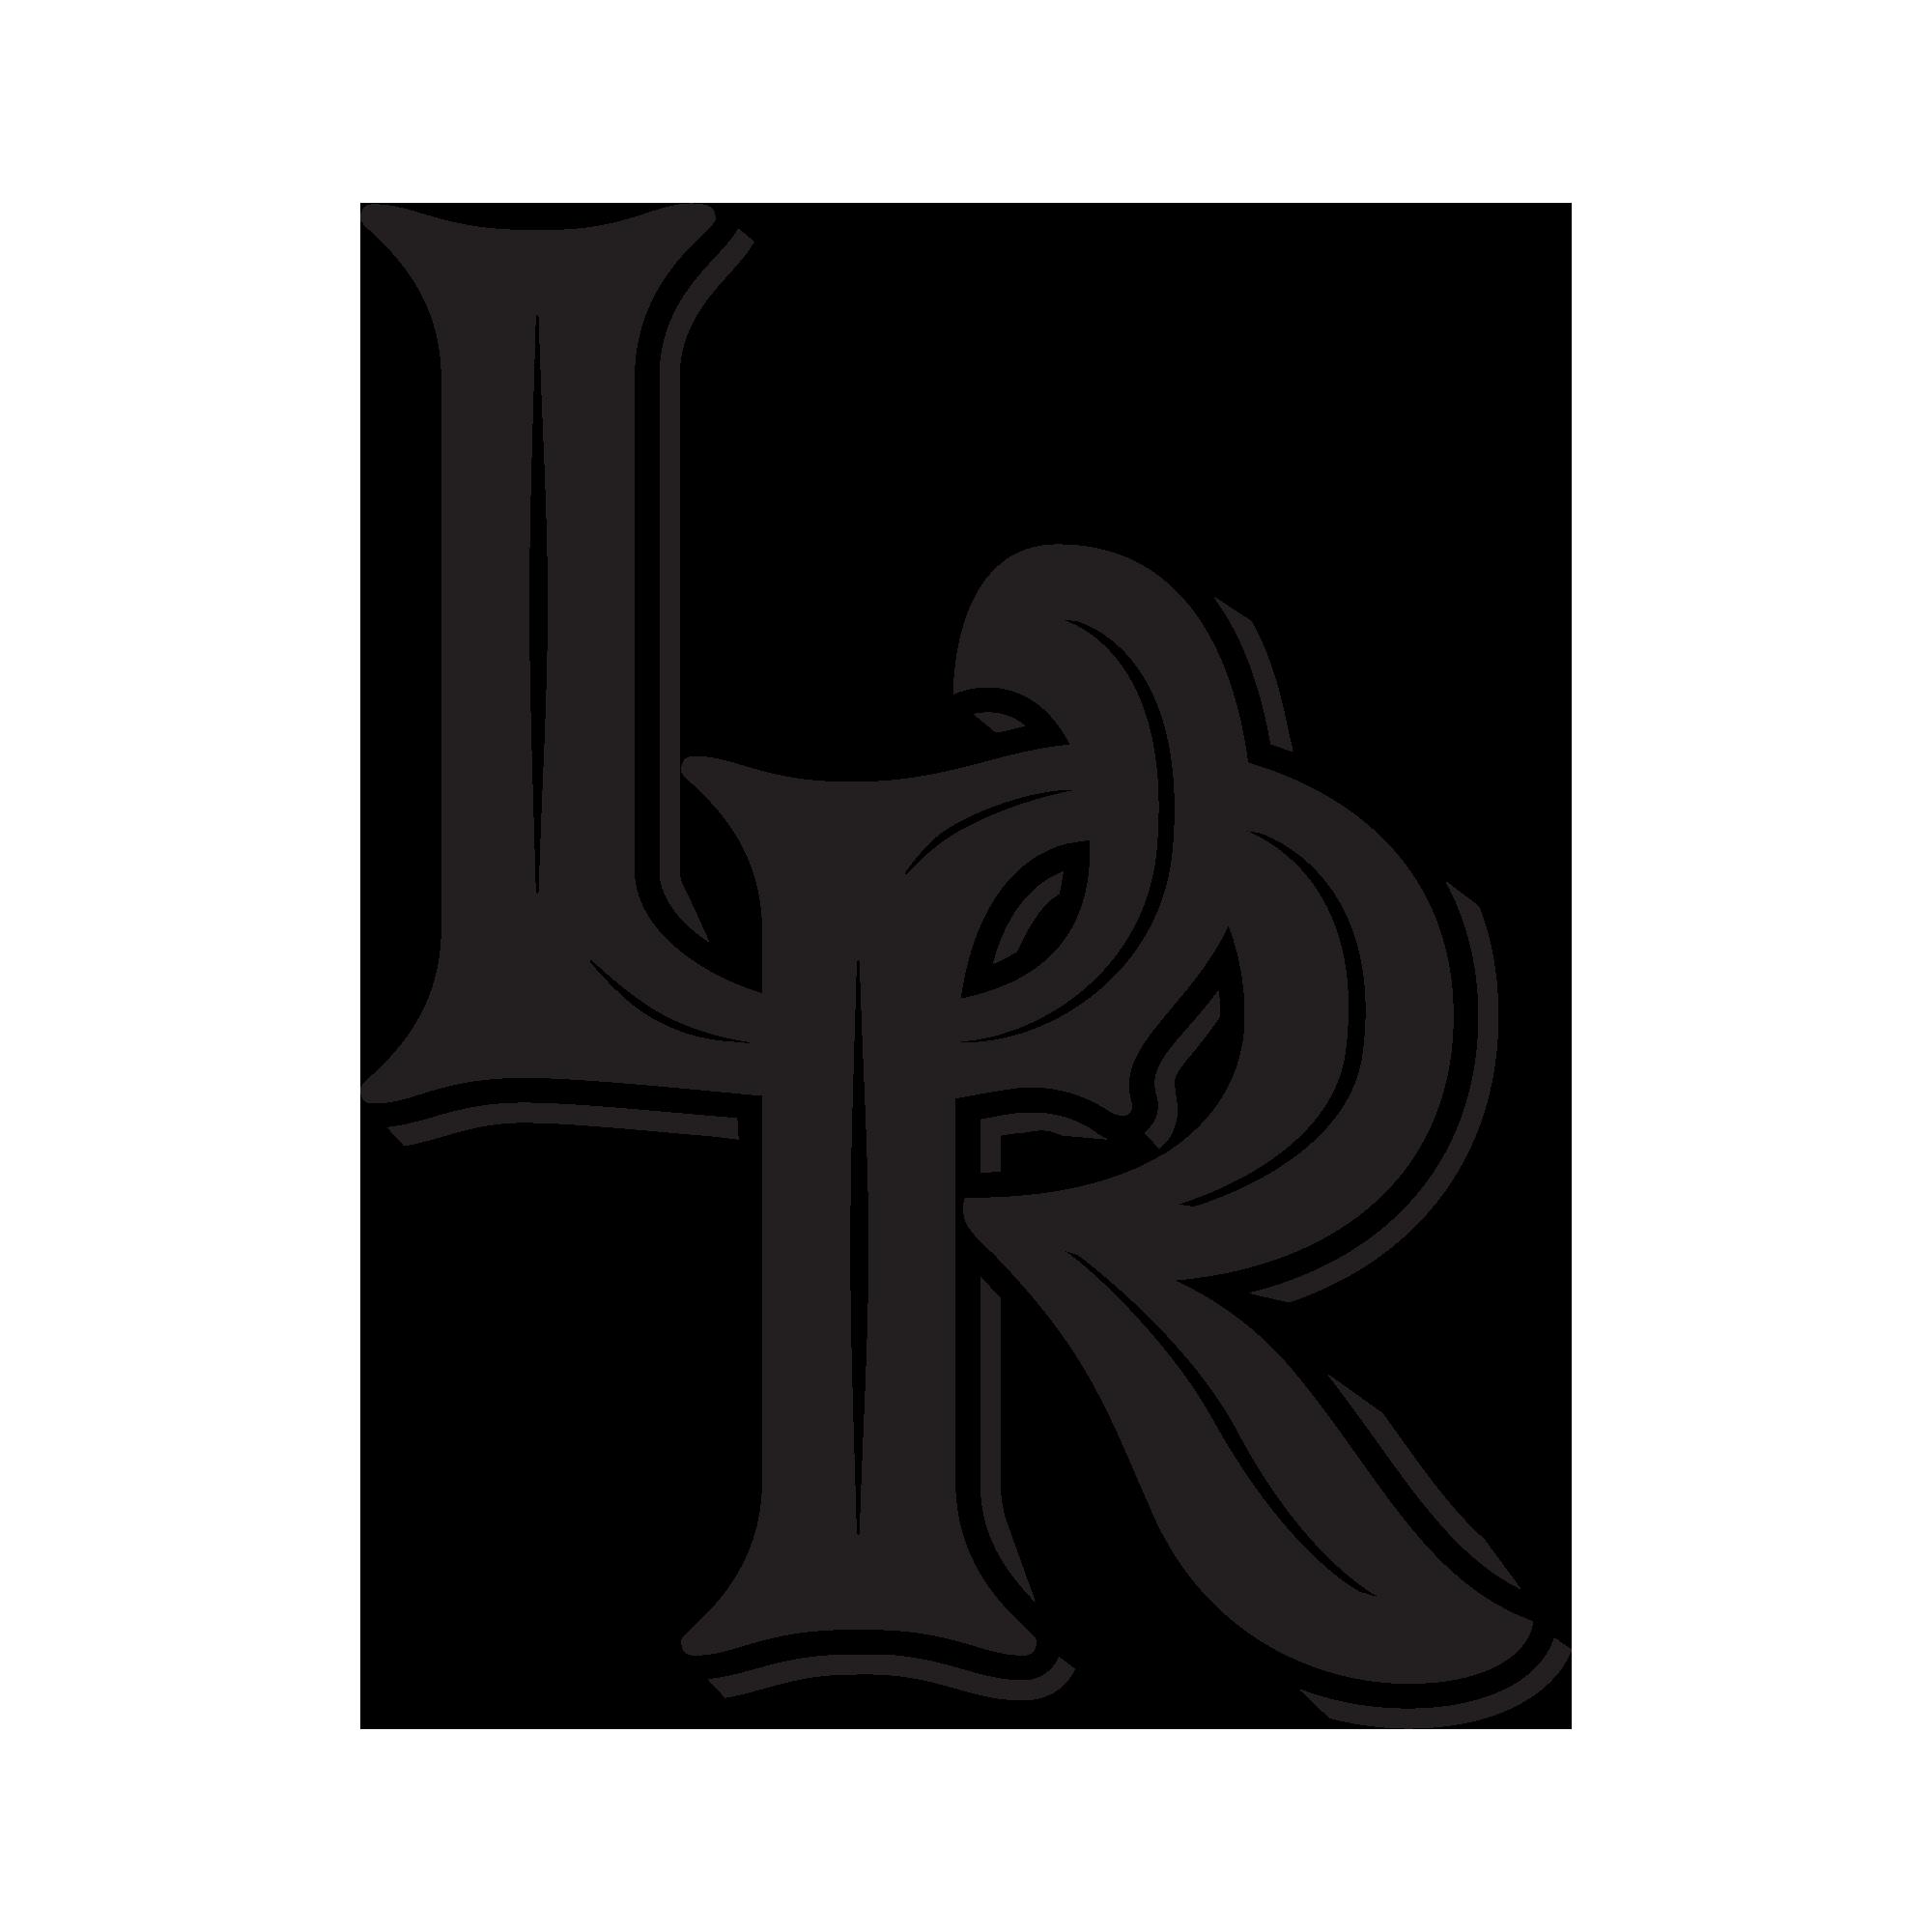 LRMONOG_1-01.png